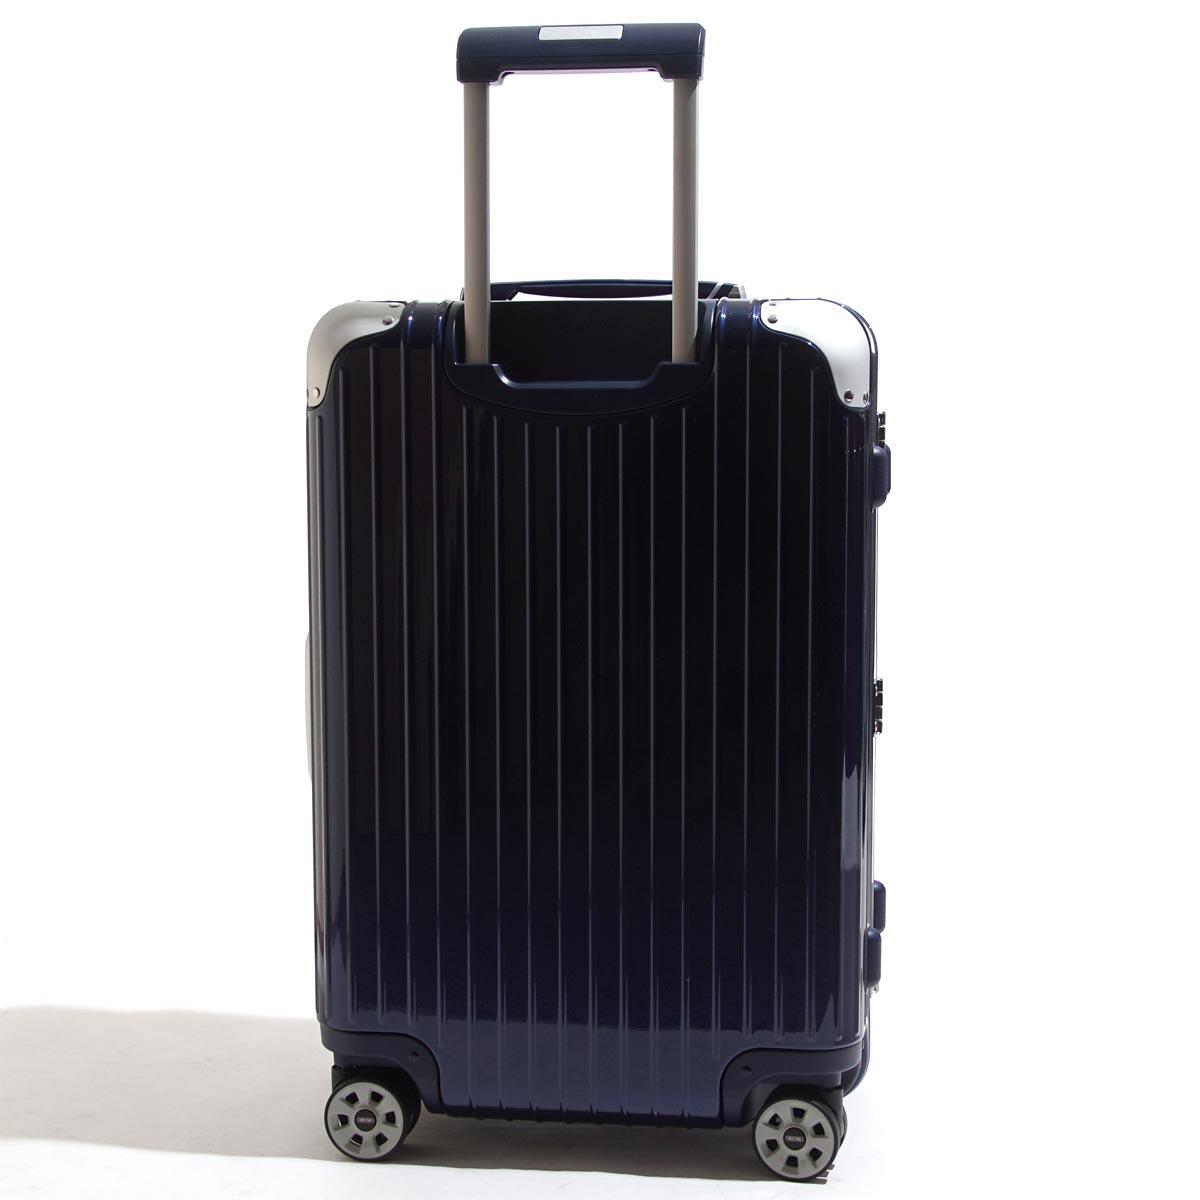 リモワ RIMOWA スーツケース 電子タグ仕様 キャリーケース ブルー メンズ レディース 旅行 出張 トラベル 大容量 882.63.21.5 LIMBO 63 E-TAG リンボ 60L【返品】【ラッピング無料】【190205】